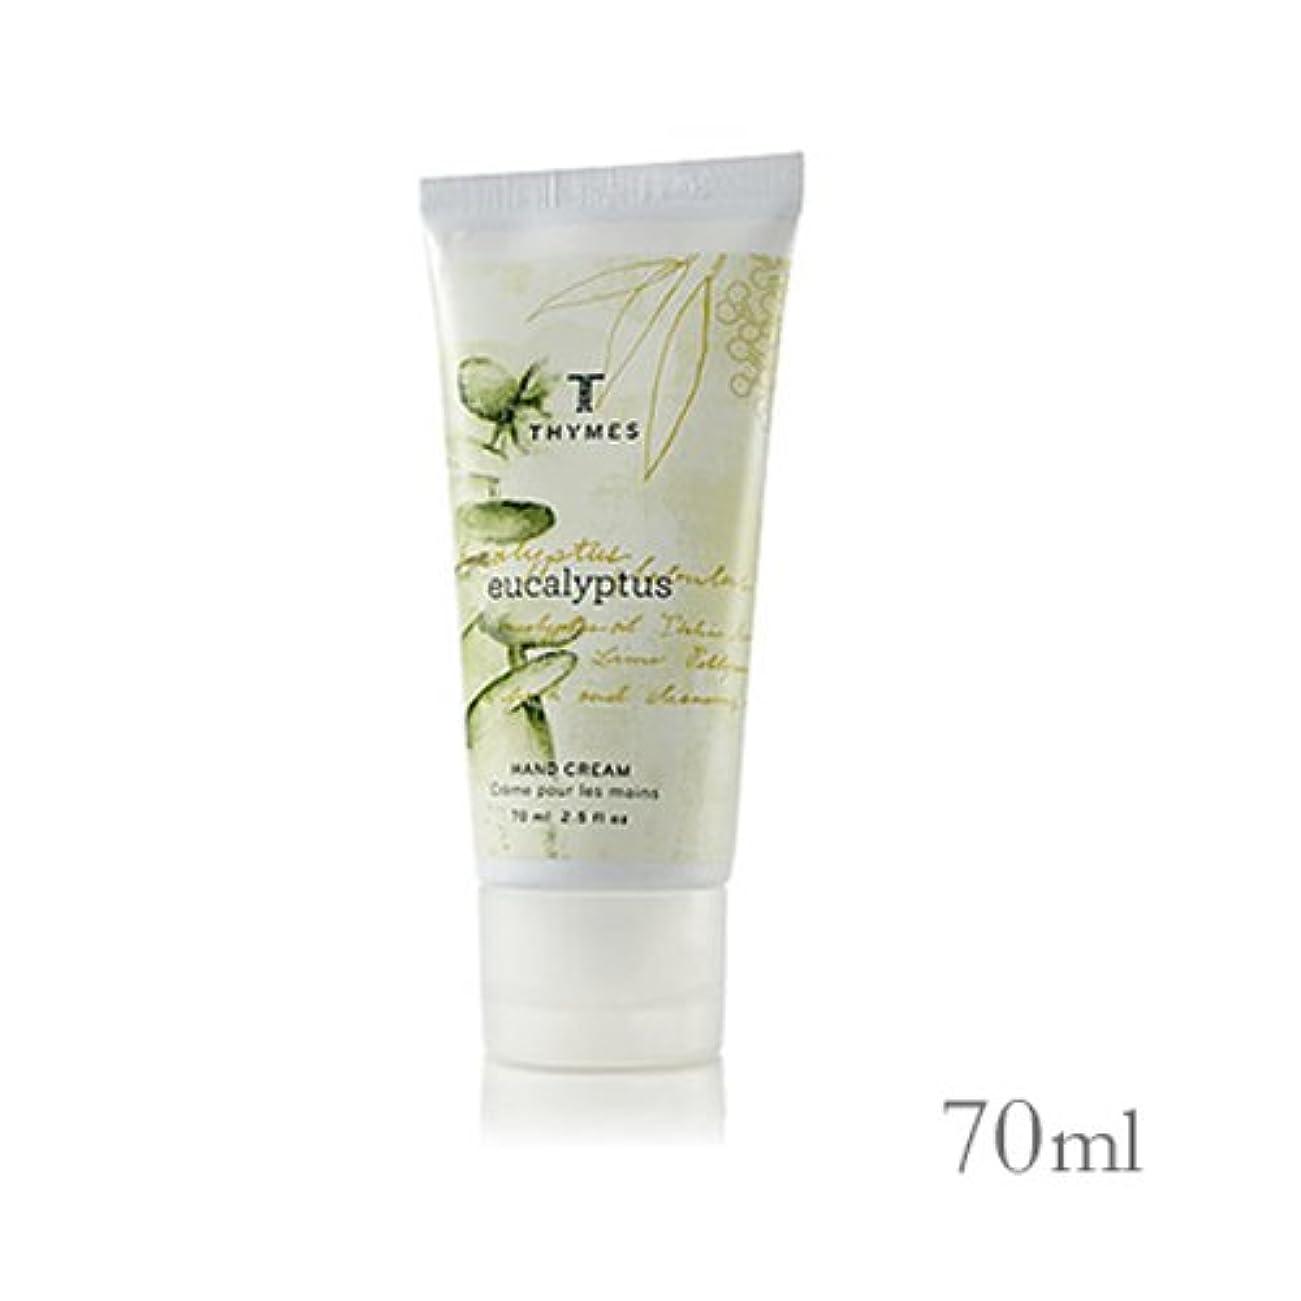 影響技術的なパリティTHYMES タイムズ ハンドクリーム 70ml ユーカリ Hand Cream 2.5 fl oz Eucalyptus [並行輸入品]